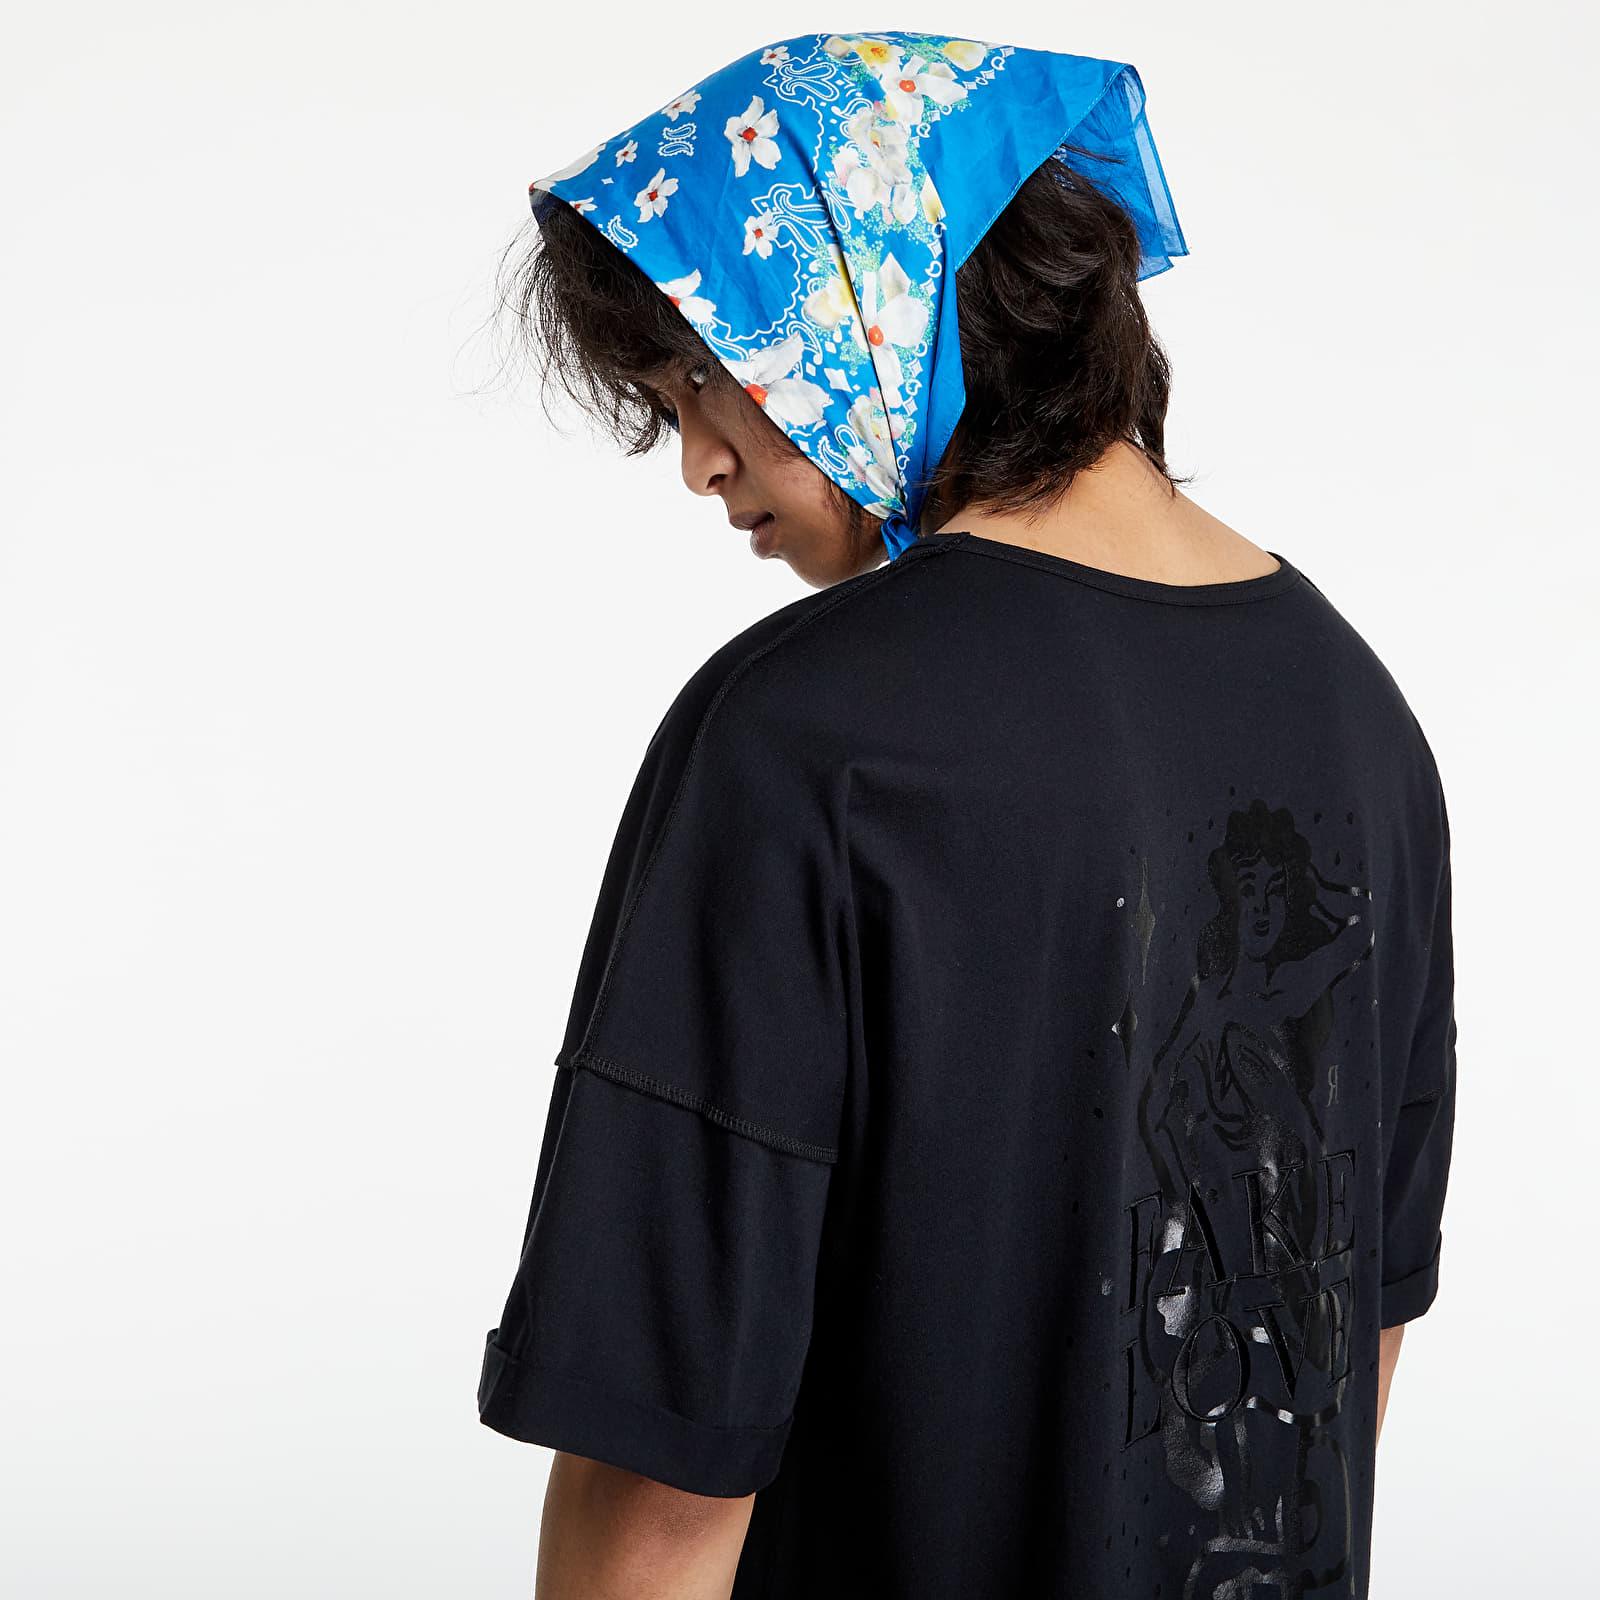 FTSHP x Rare Fake Love T-Shirt Black M